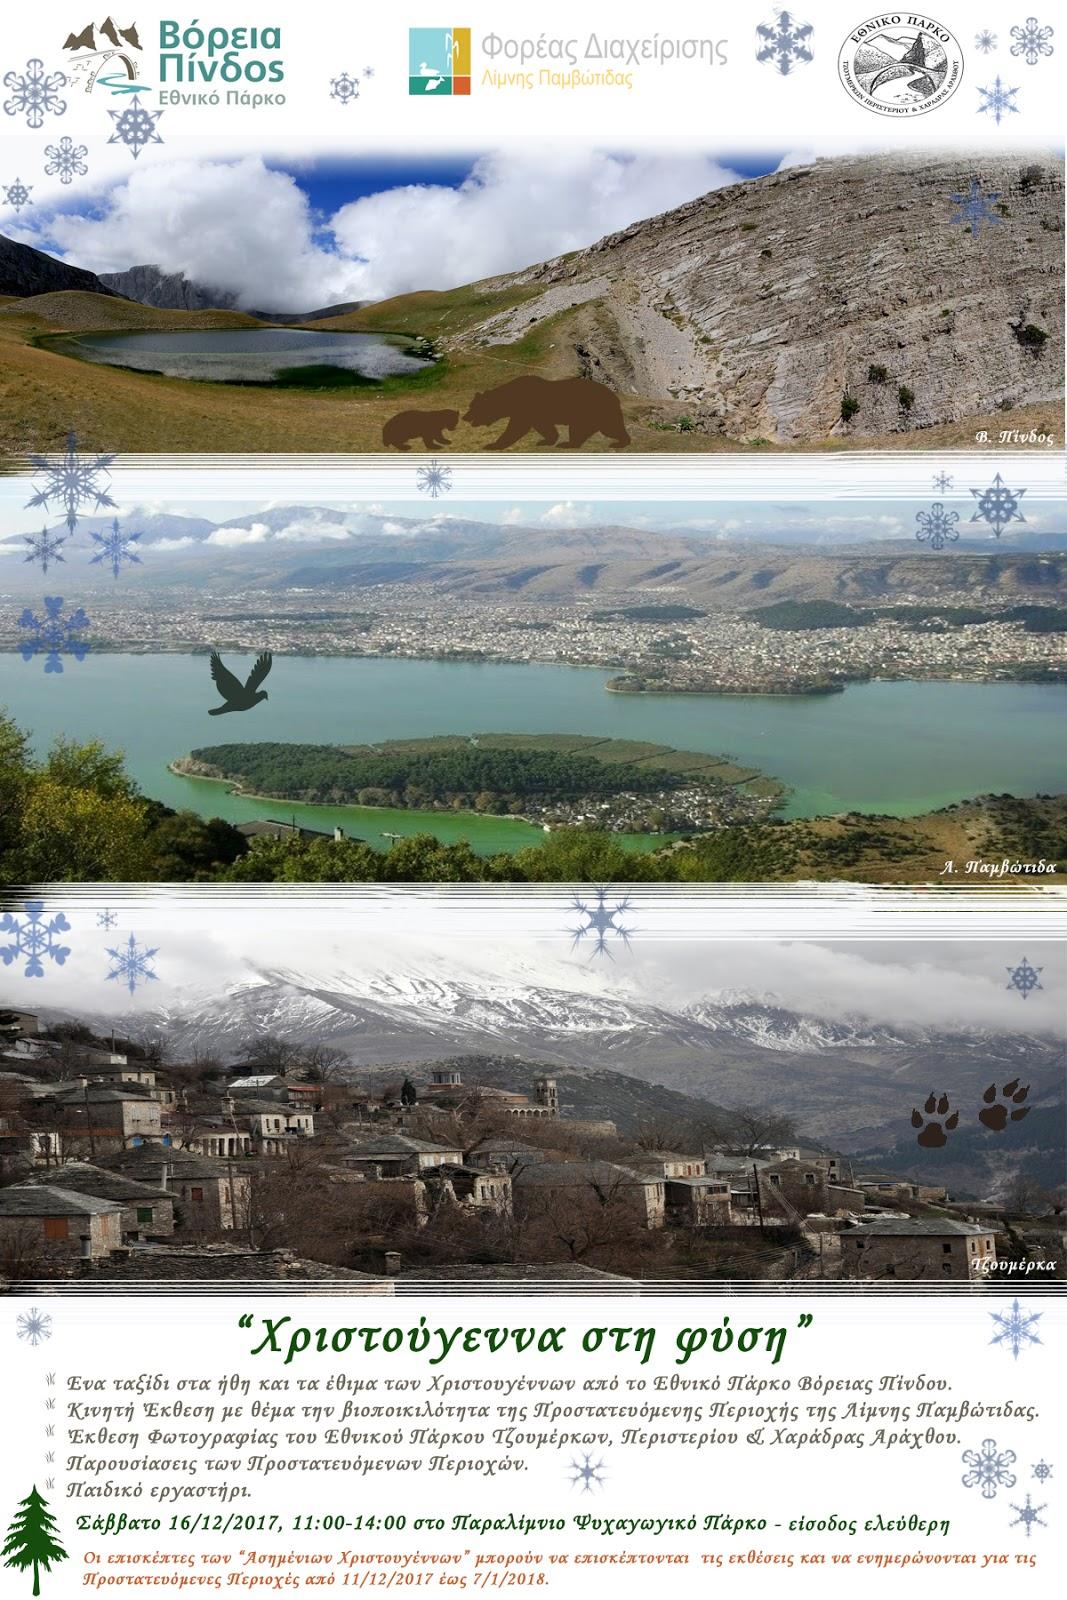 «Χριστούγεννα στην φύση από τους Φορείς Διαχείρισης Βόρειας Πίνδου, Παμβώτιδας και Τζουμέρκων»